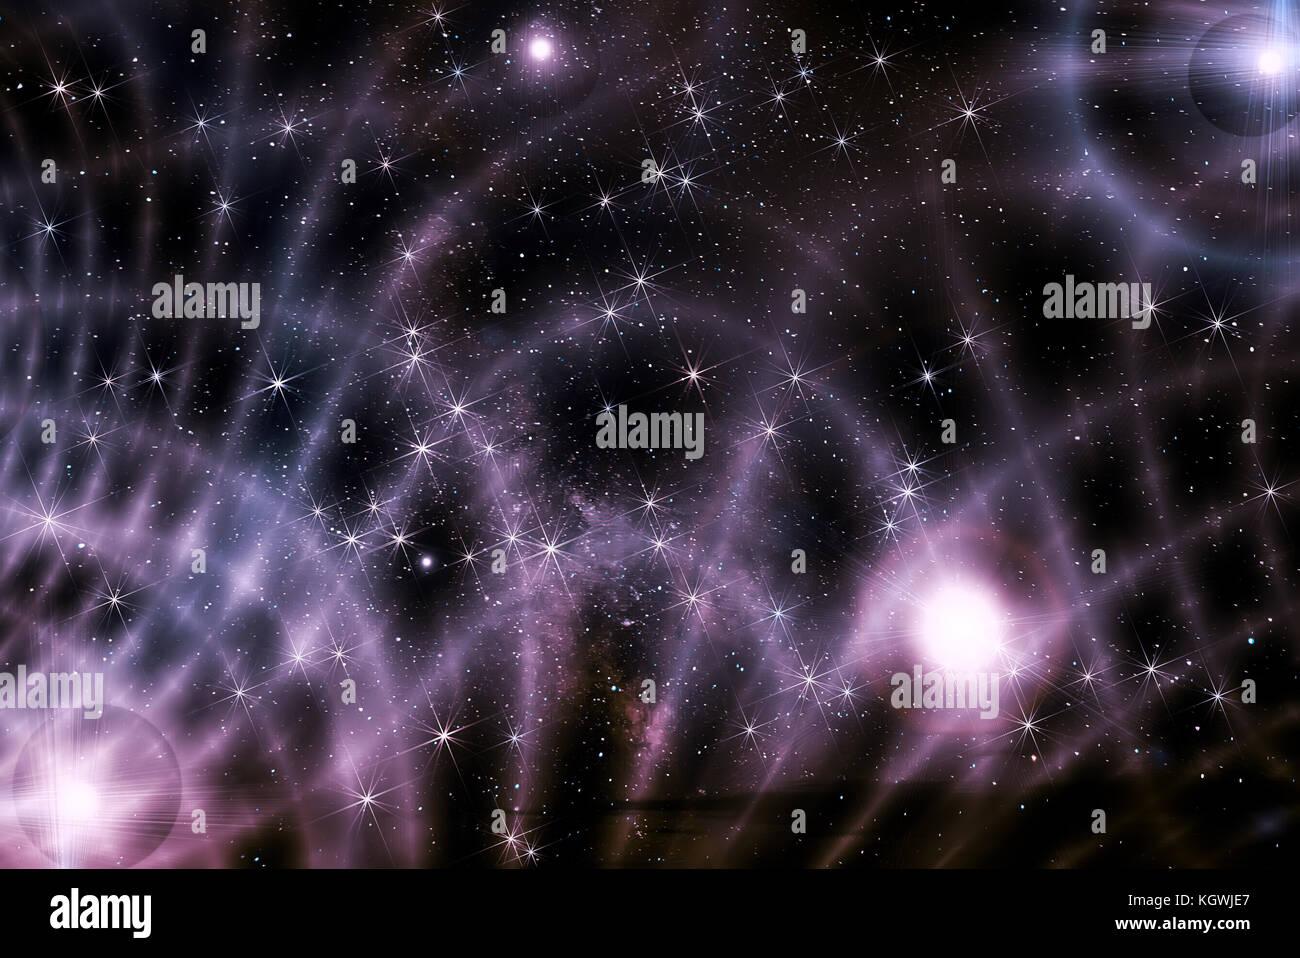 Résumé fond coloré de l'espace profond avec des étoiles, des nébuleuses et poussière Photo Stock